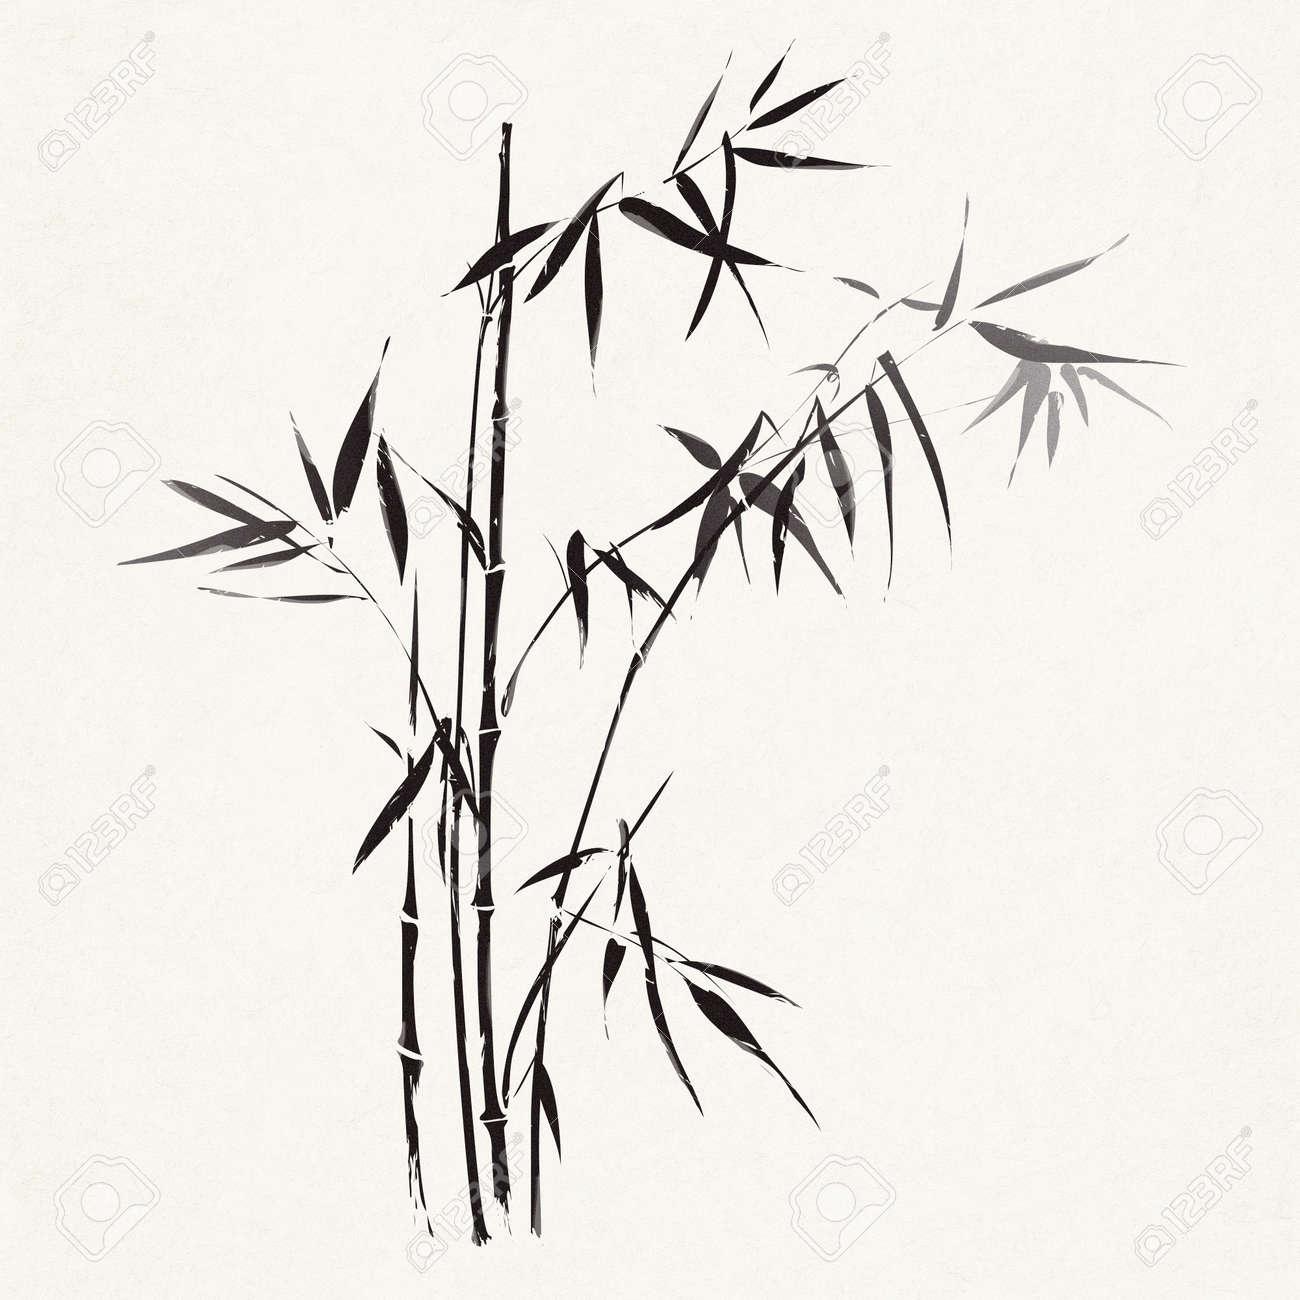 branches de bambou decrites dans le style noir et blanc traditionnelle asiatique